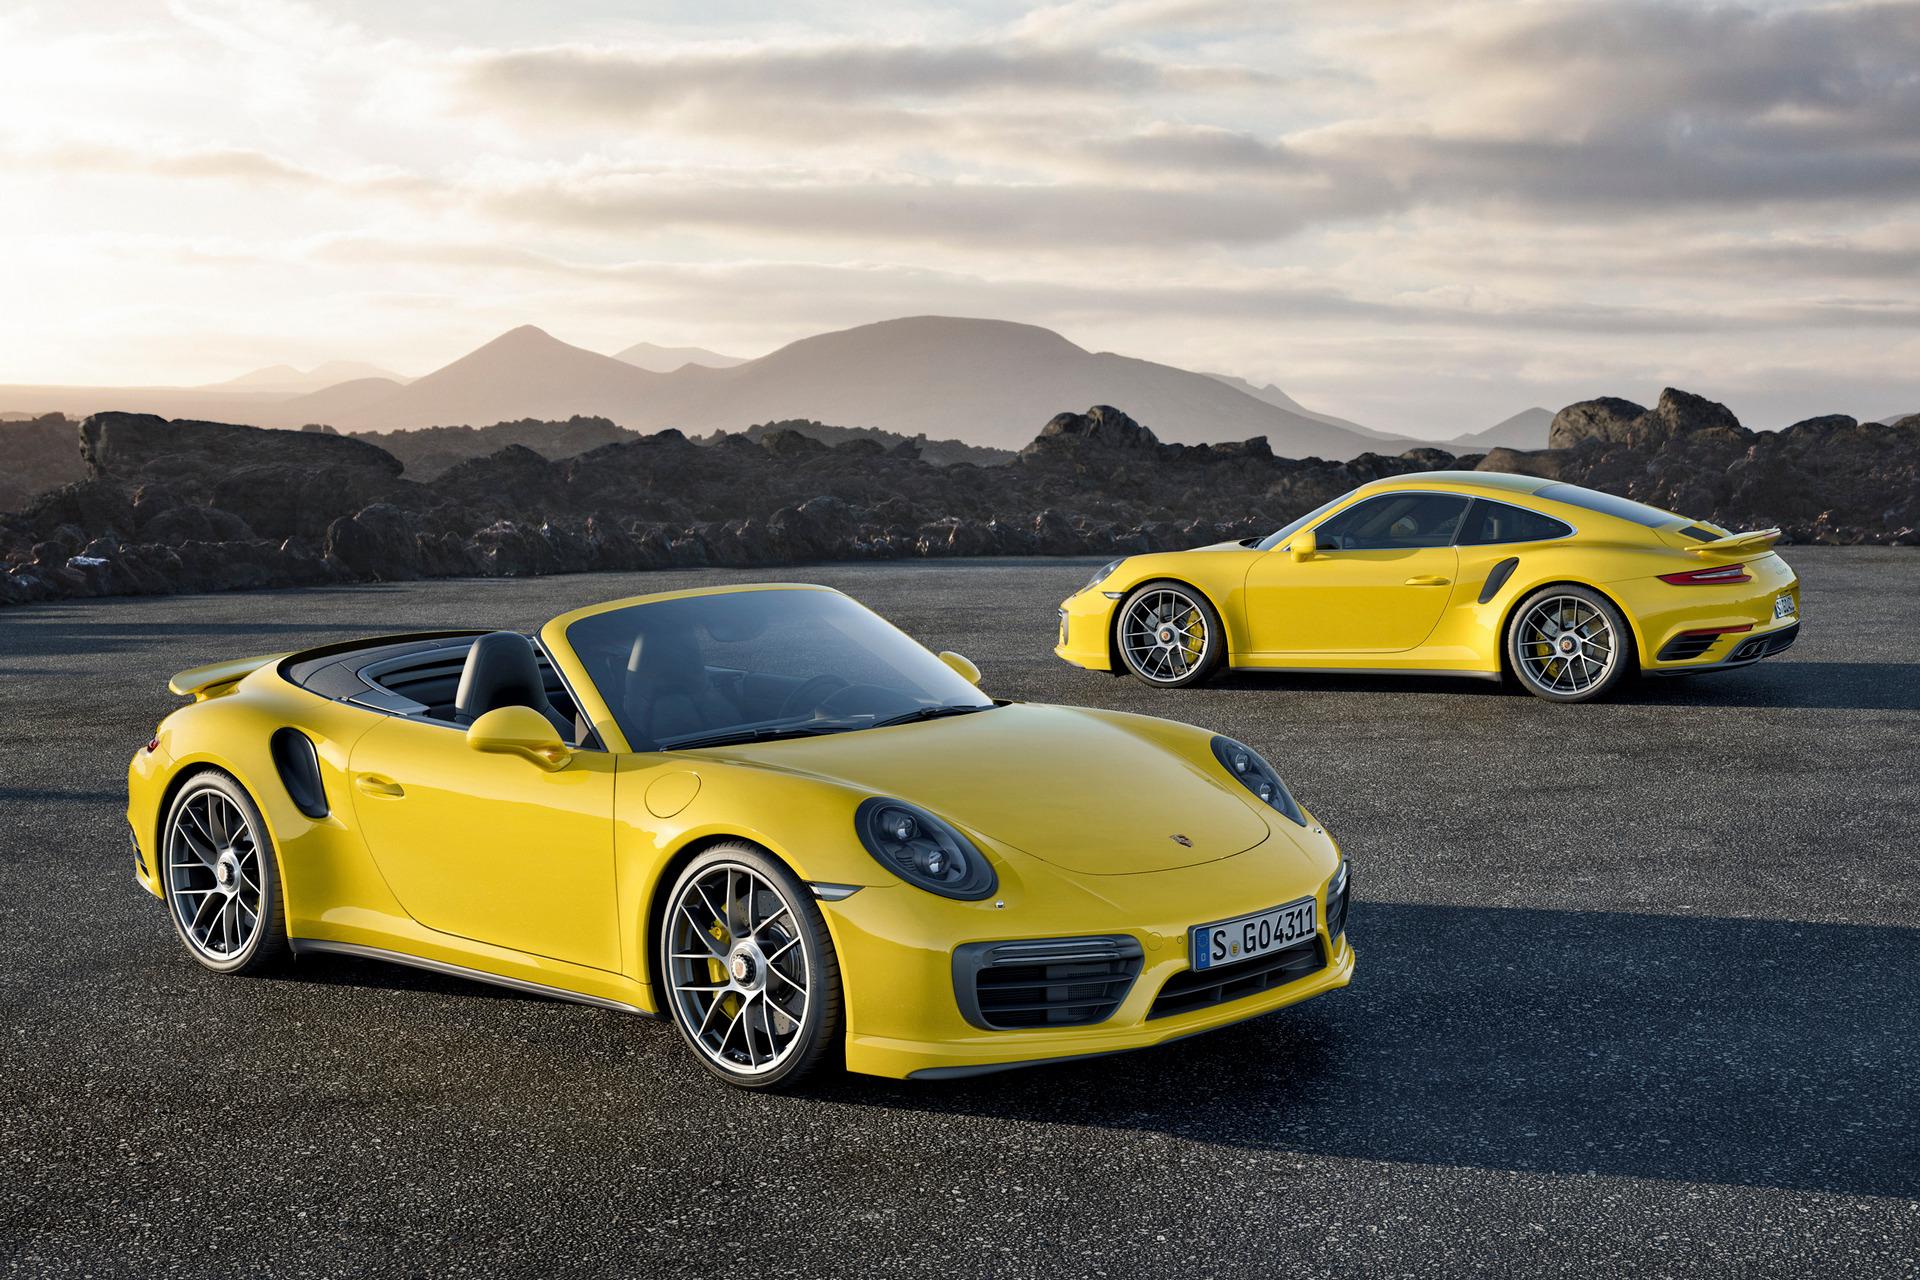 911 Turbo S und 911 Turbo S Cabriolet © Dr. Ing. h.c. F. Porsche AG